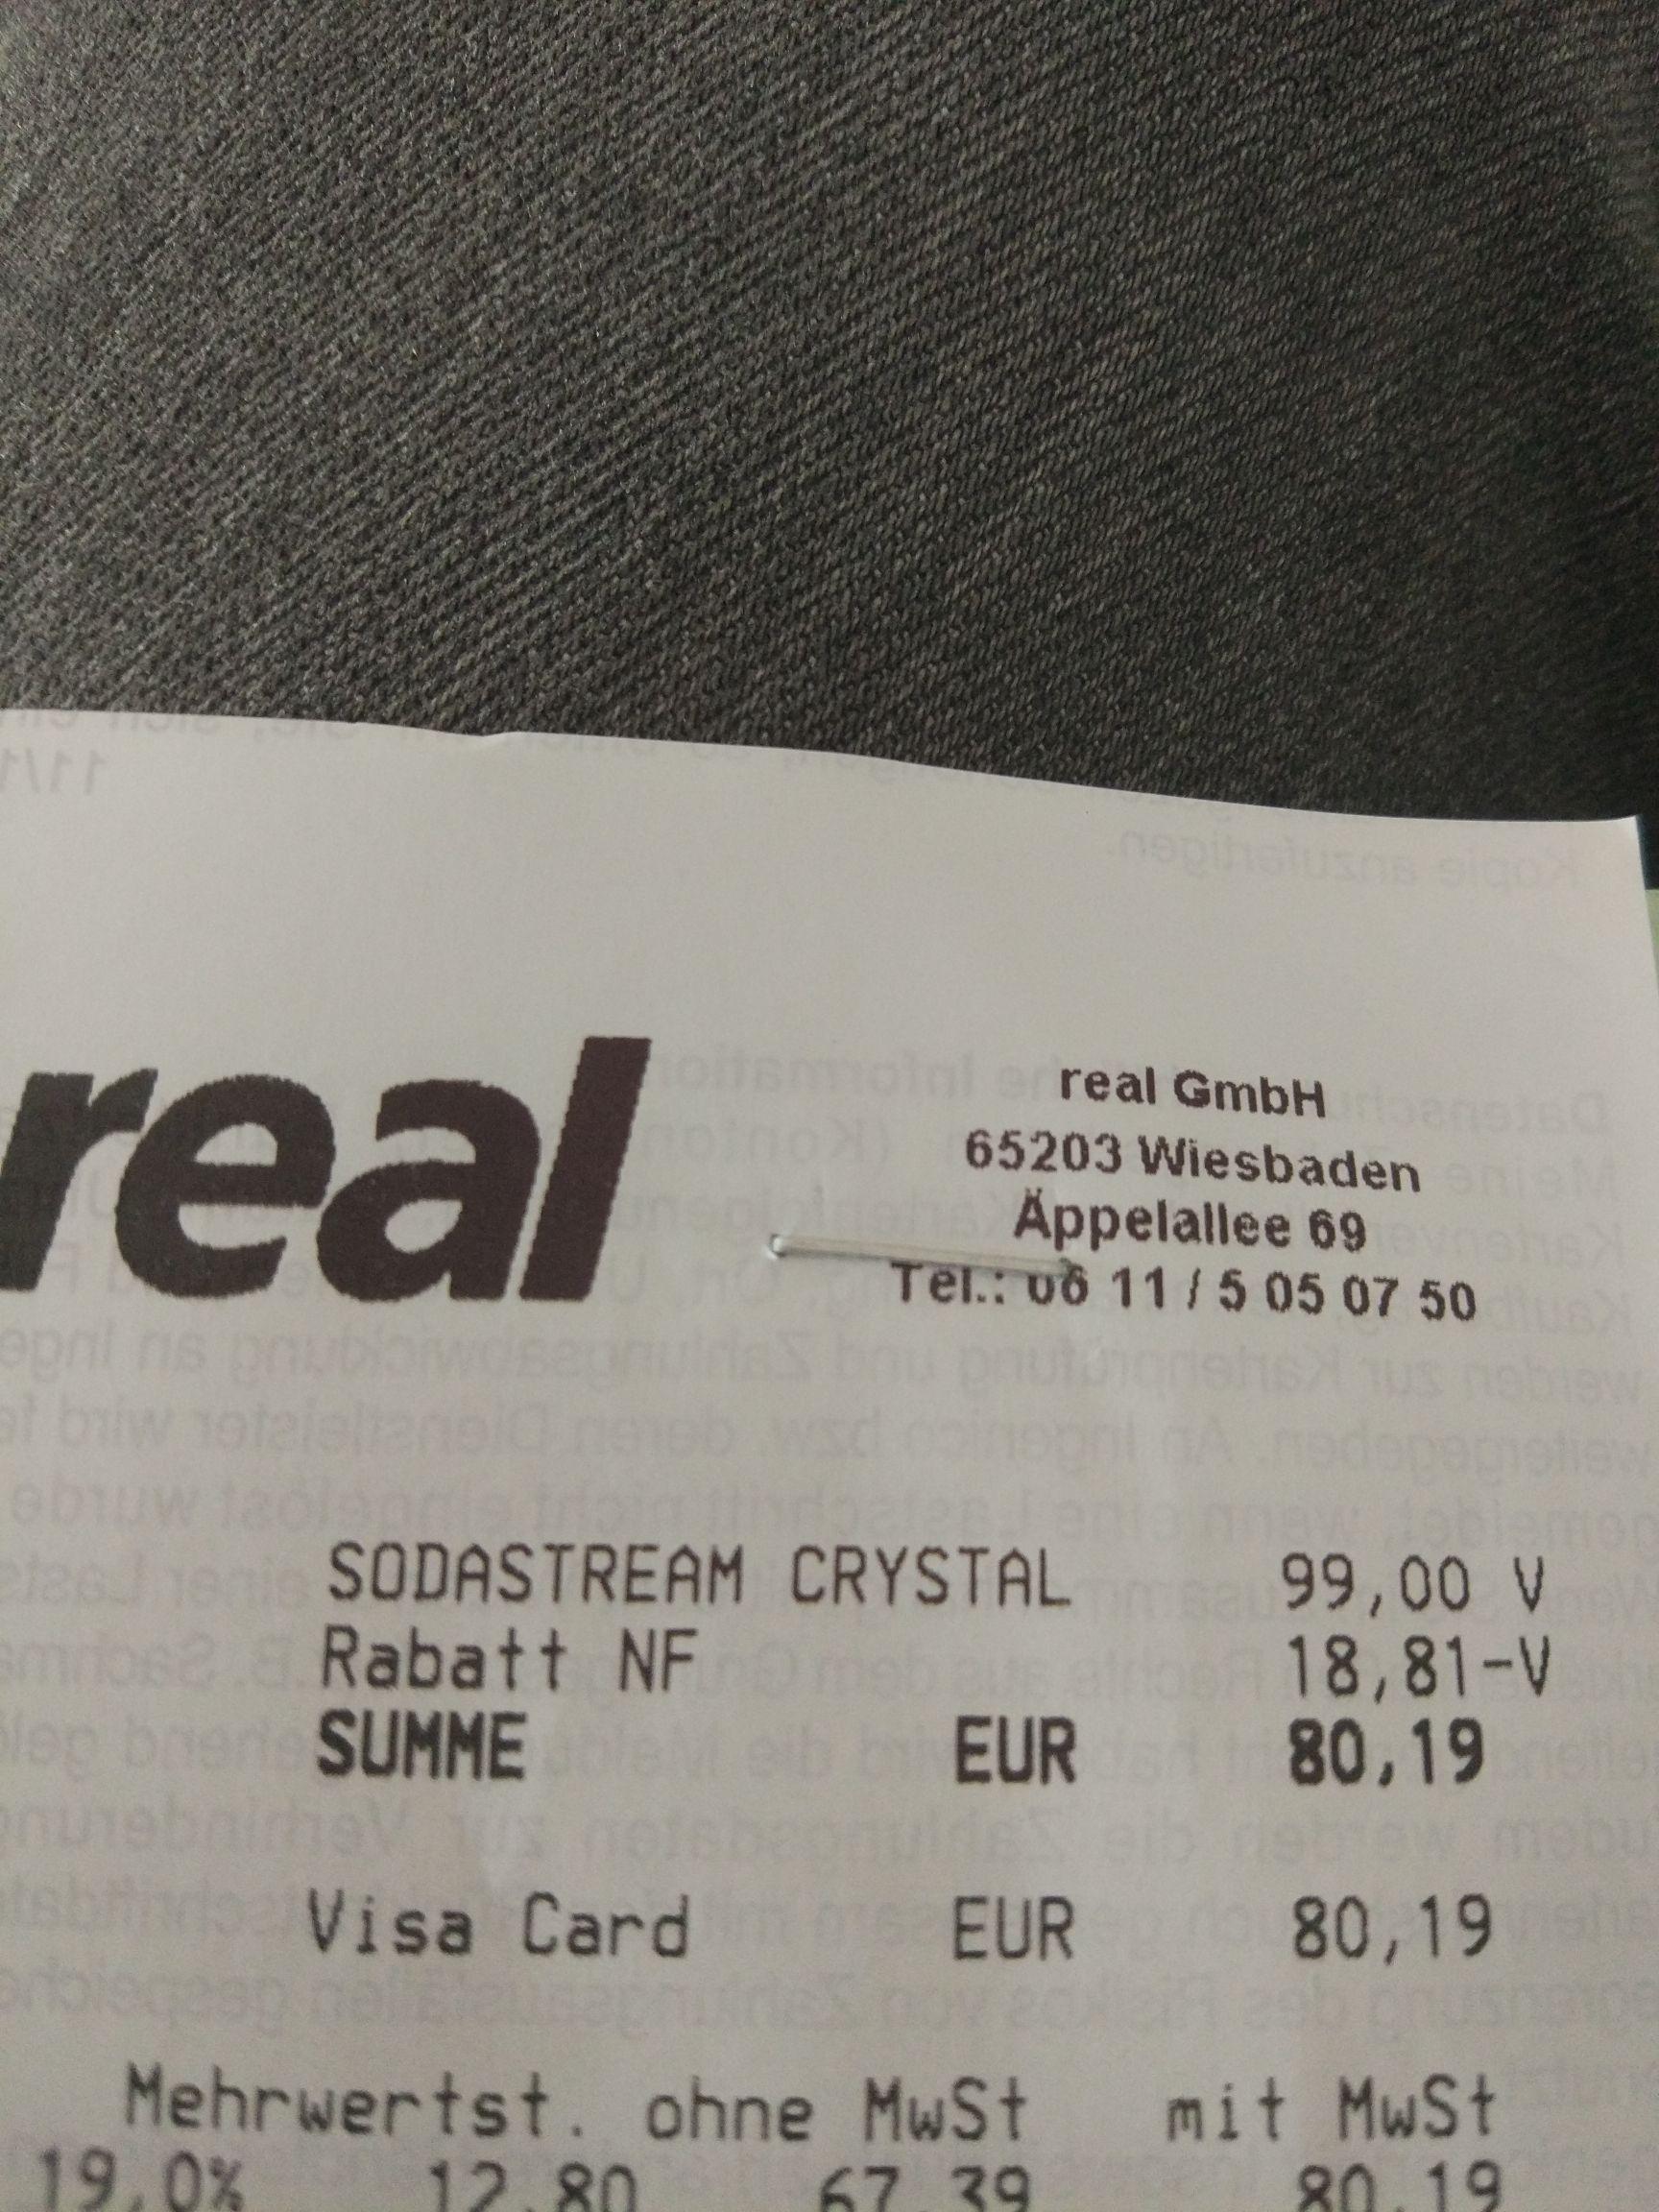 SodaStream Crystal 2.0 Sprudlergerät mit 3 Glasflaschen bei real